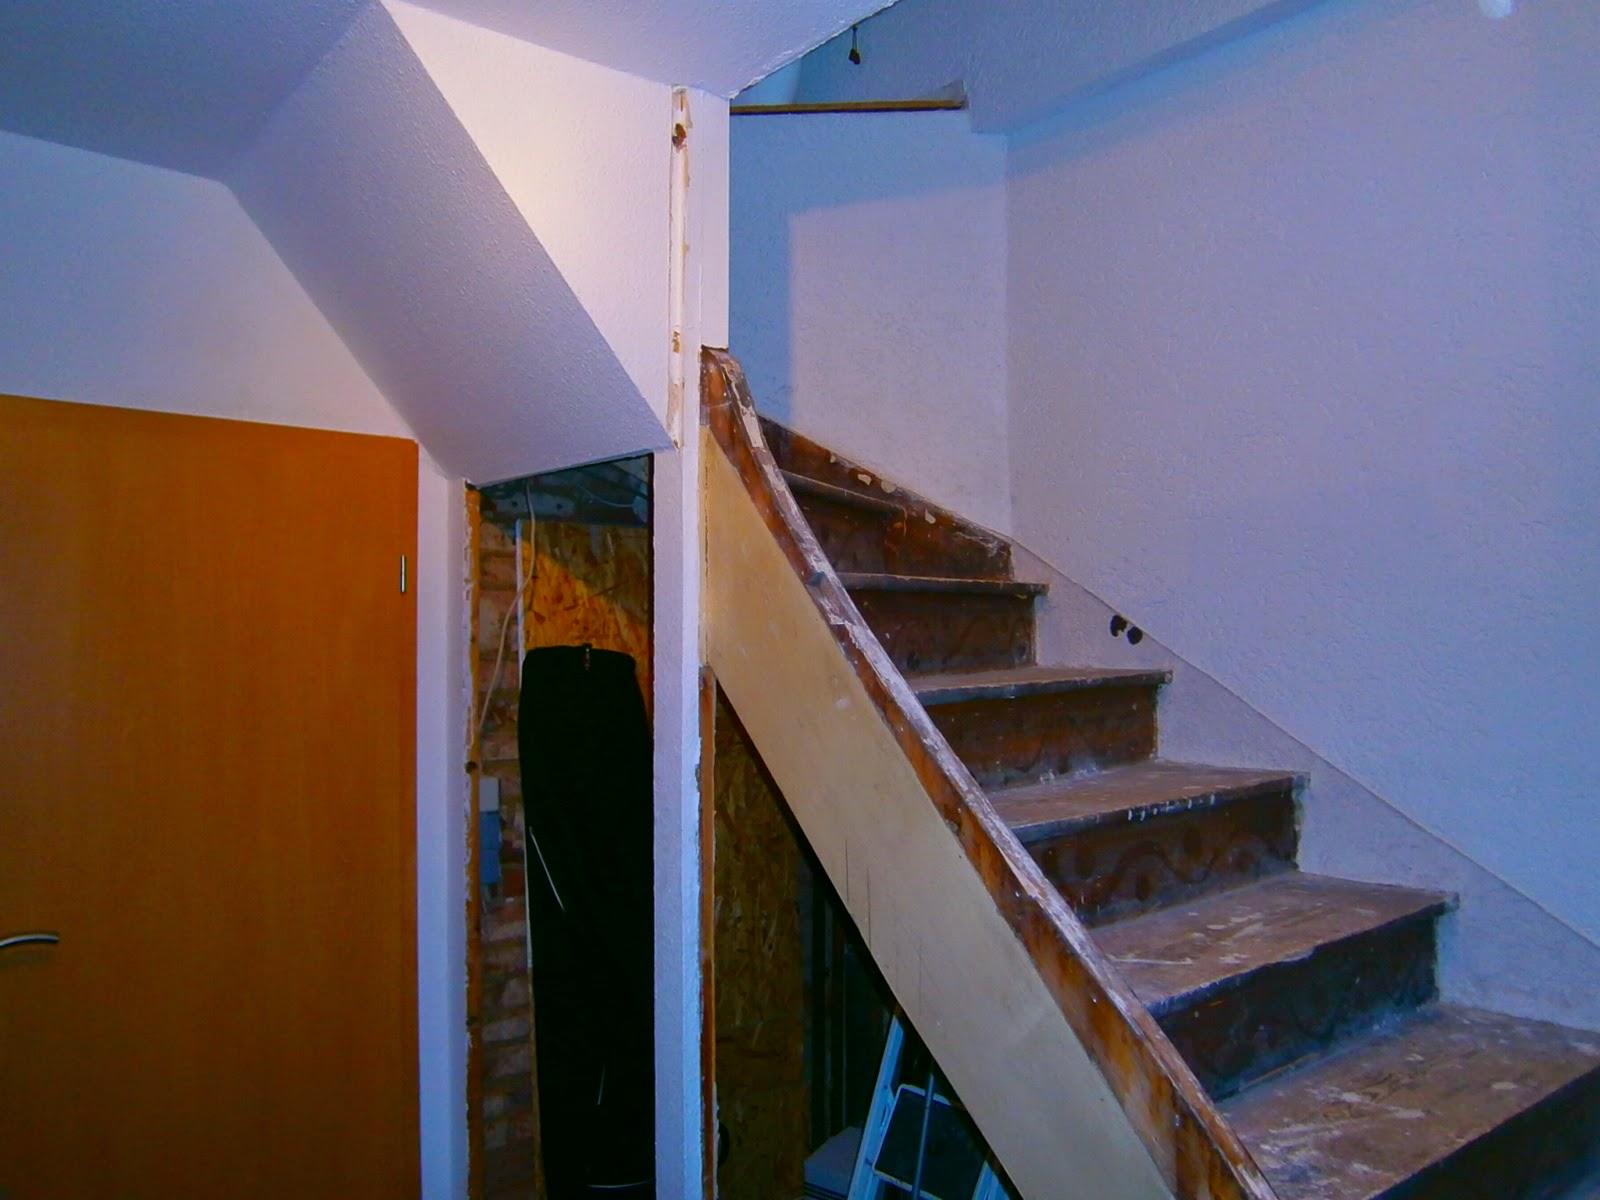 h&k treppenrenovierung: eine treppe renovieren - so geht es schritt